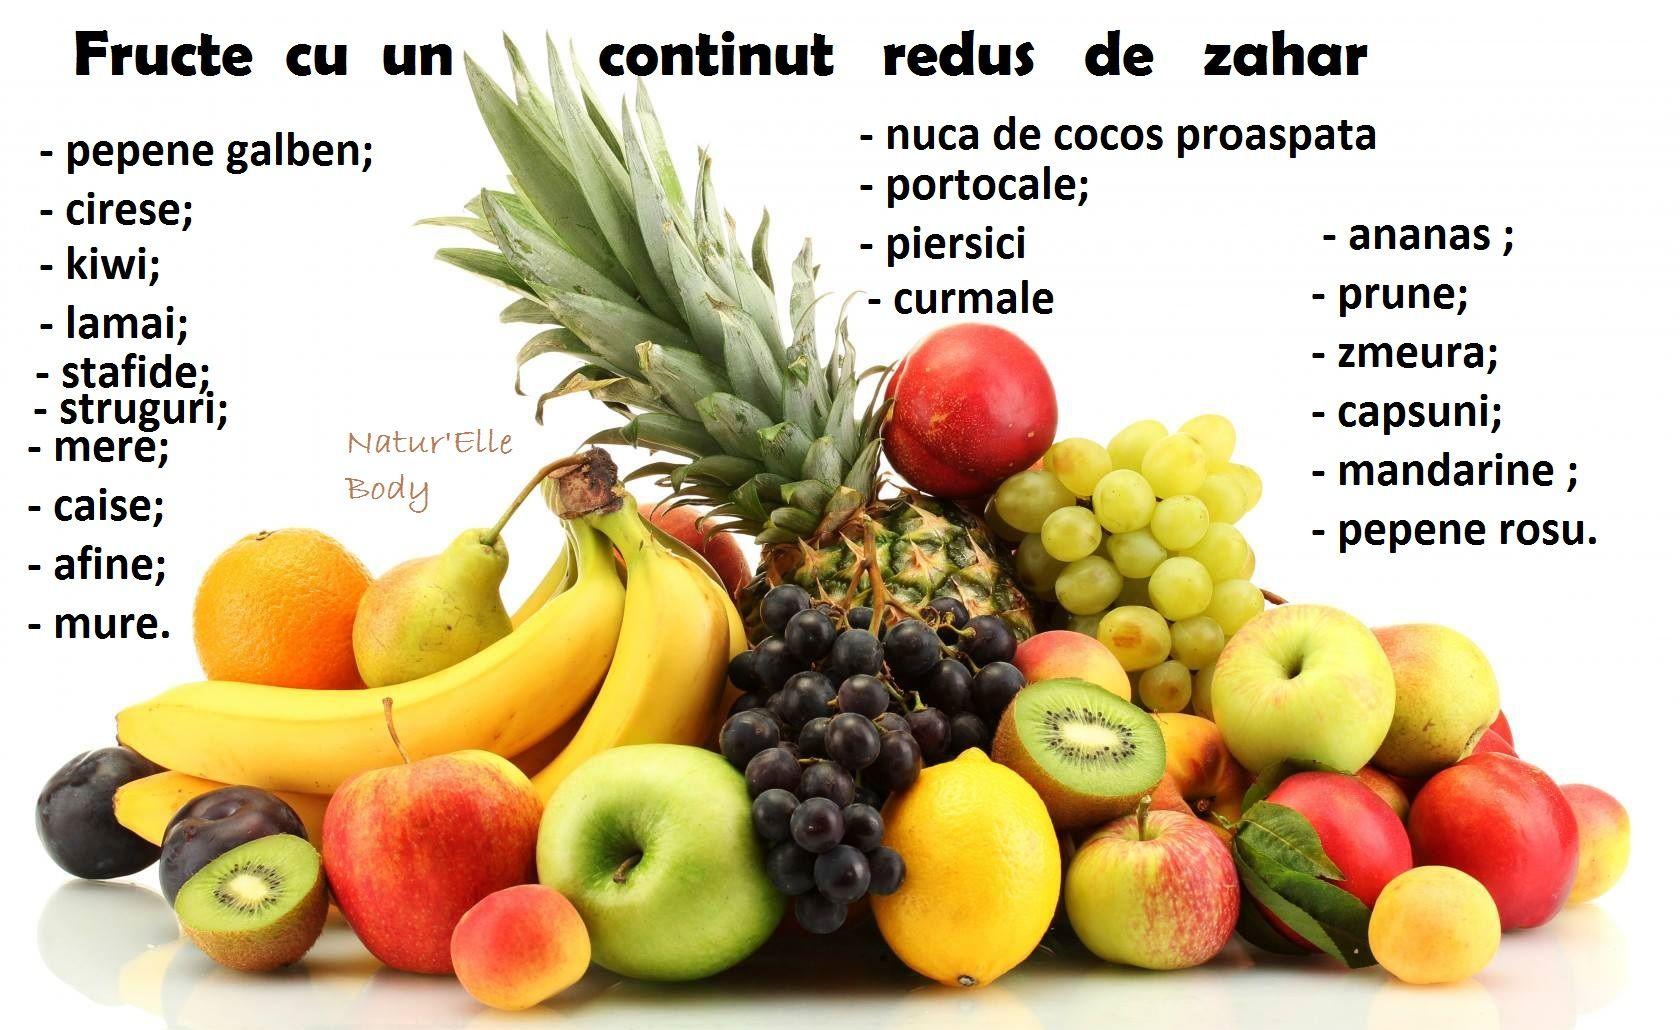 Fructe cu un continut redus de zahar - CSID: Ce se întâmplă Doctore?